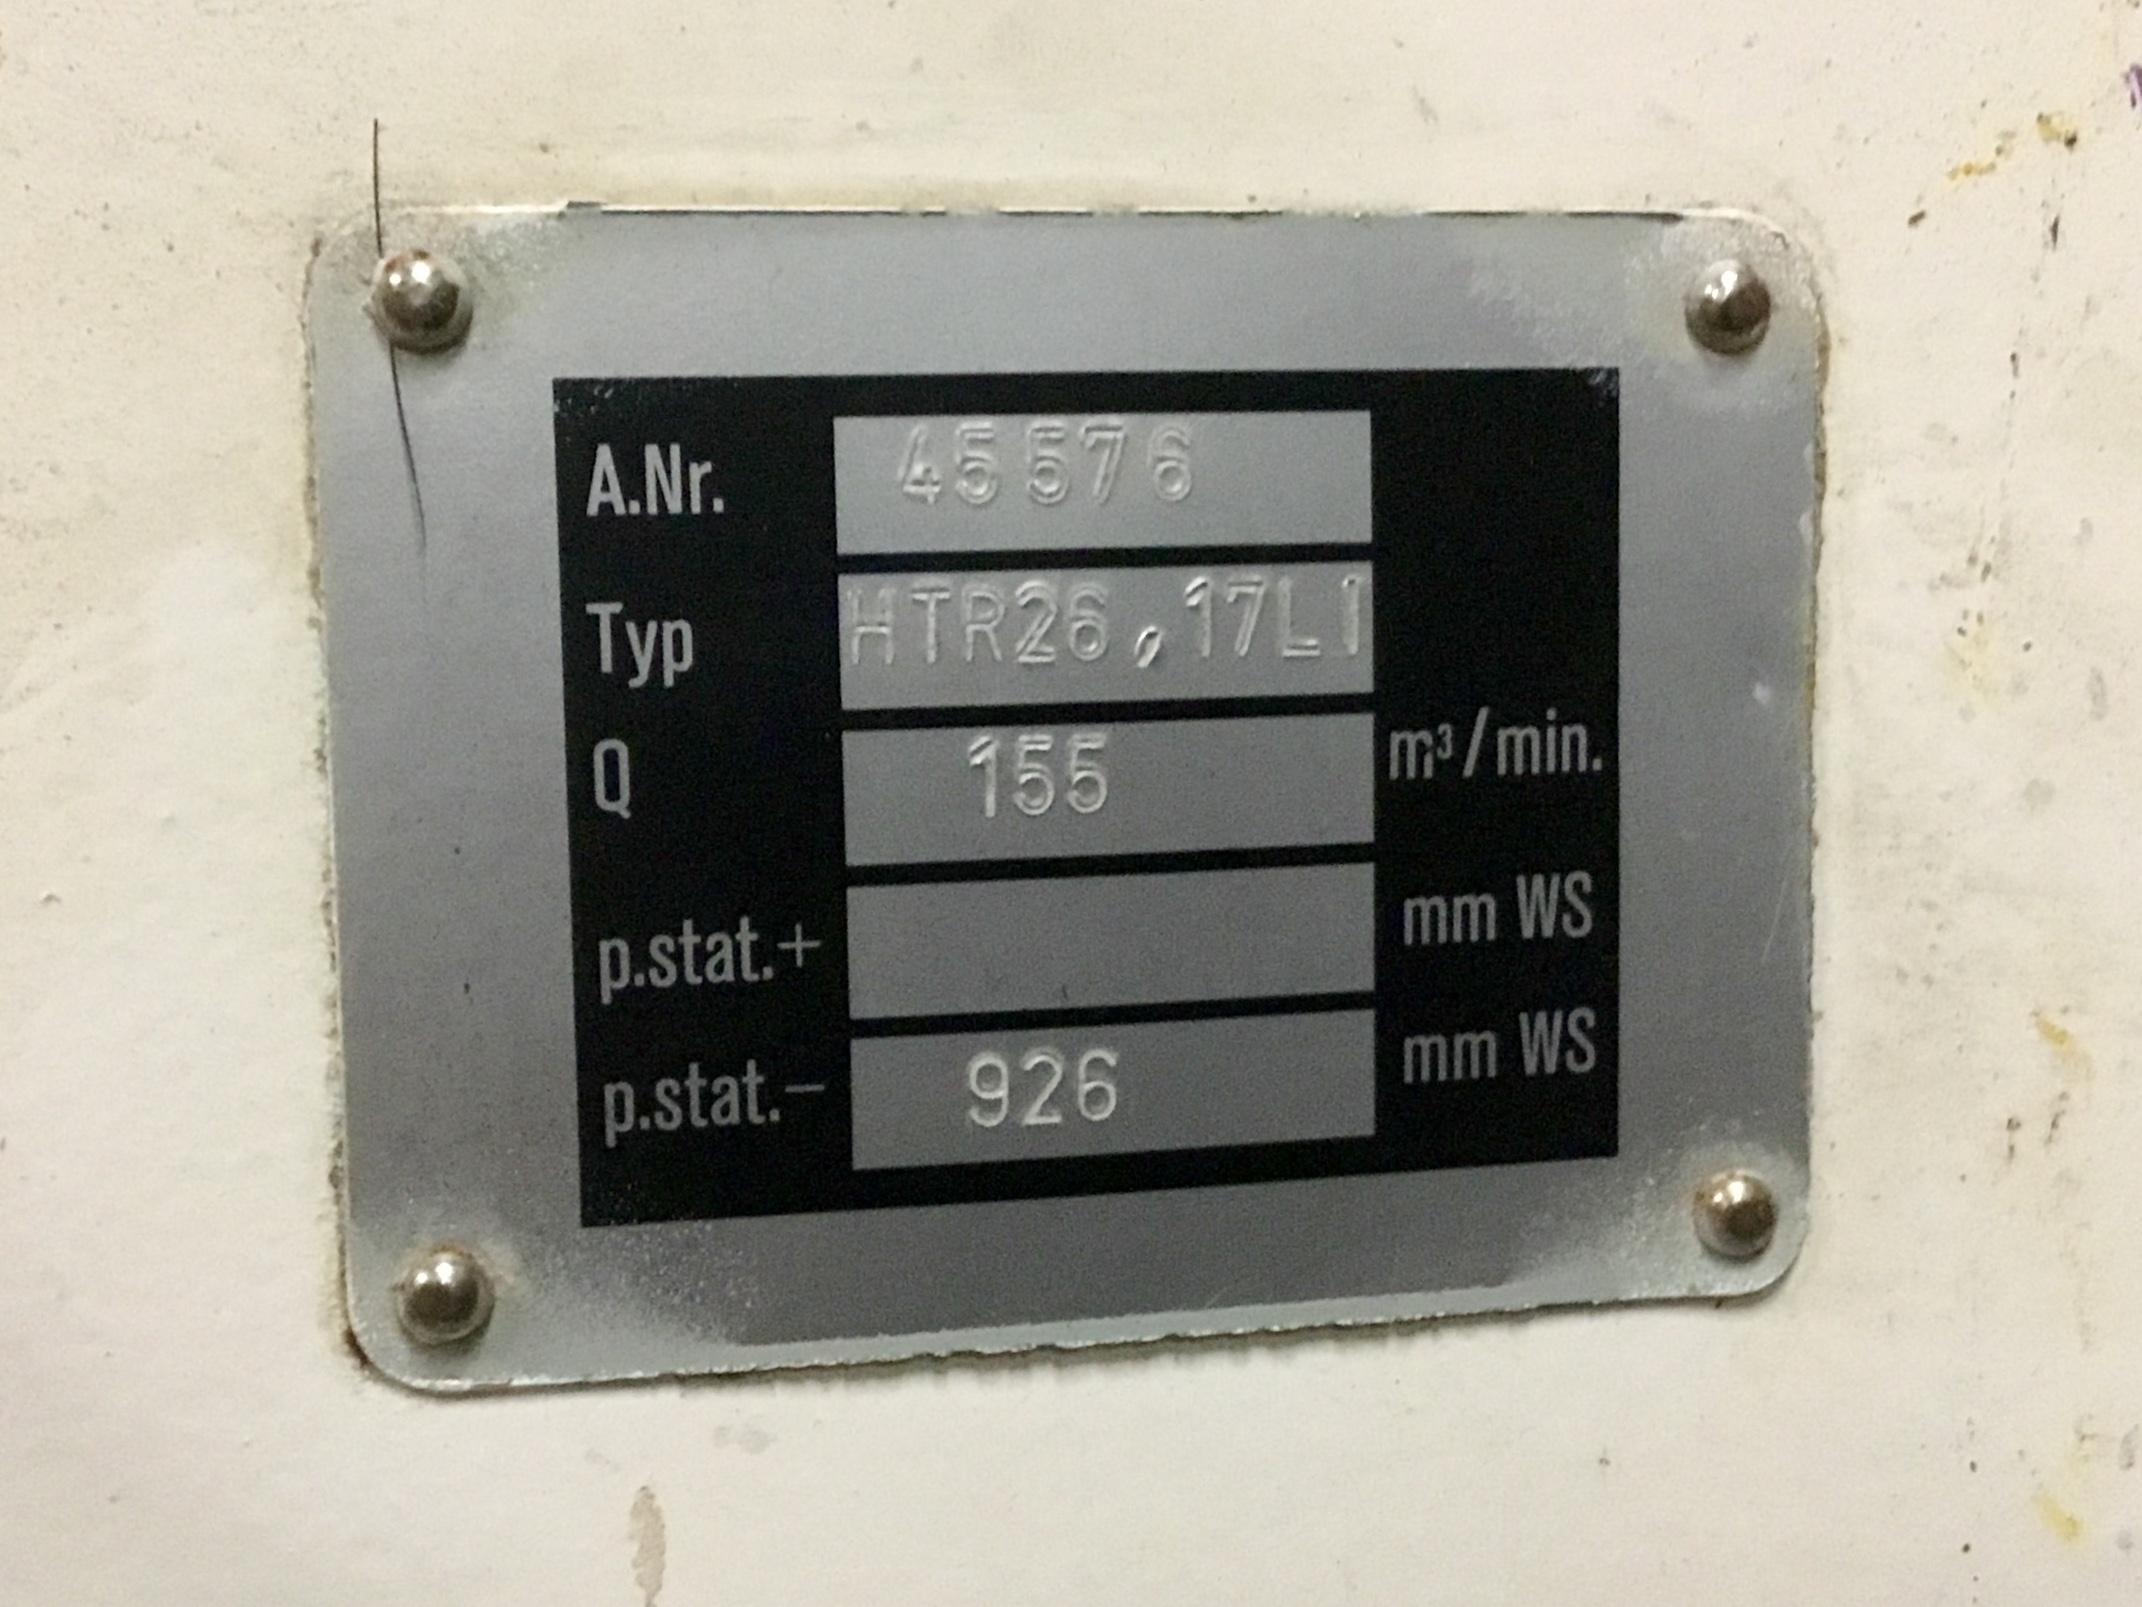 60FEEF9B-CAA2-4E41-B8AF-F29F8355A873